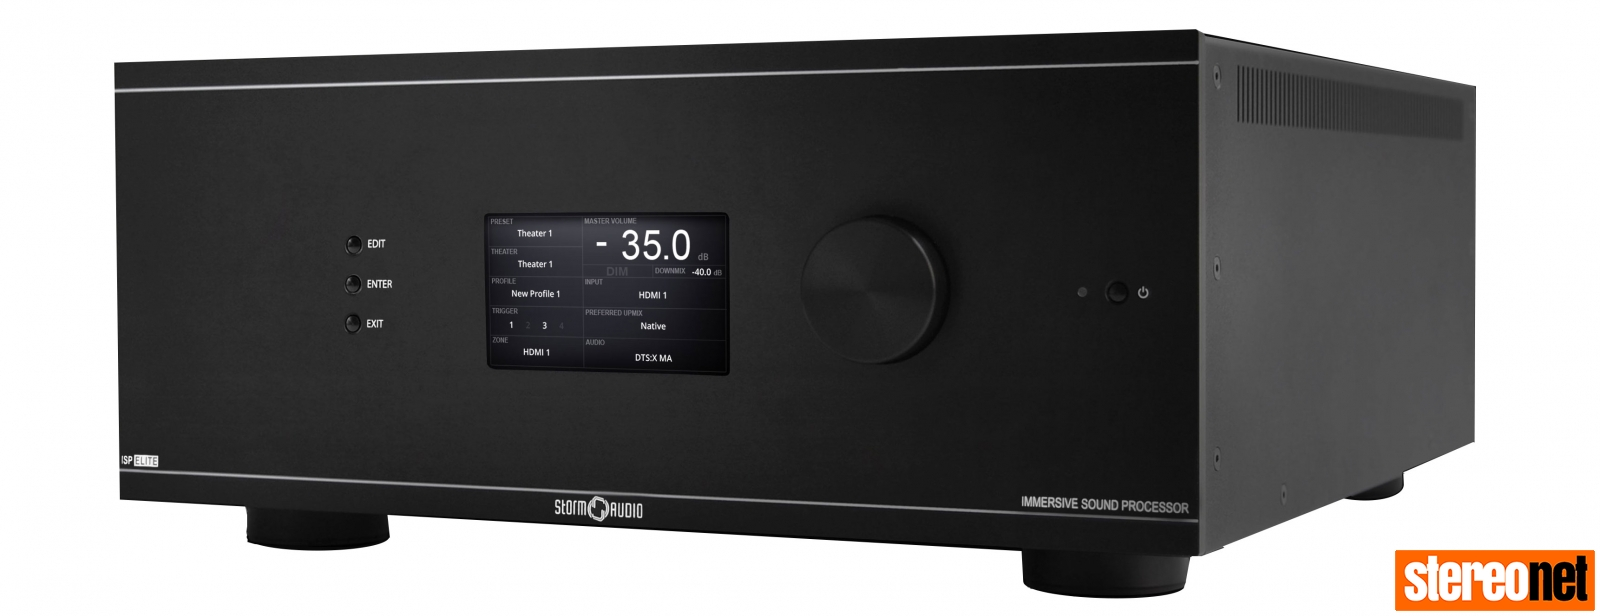 StormAudio ISP 3D.20 Elite Processor Front